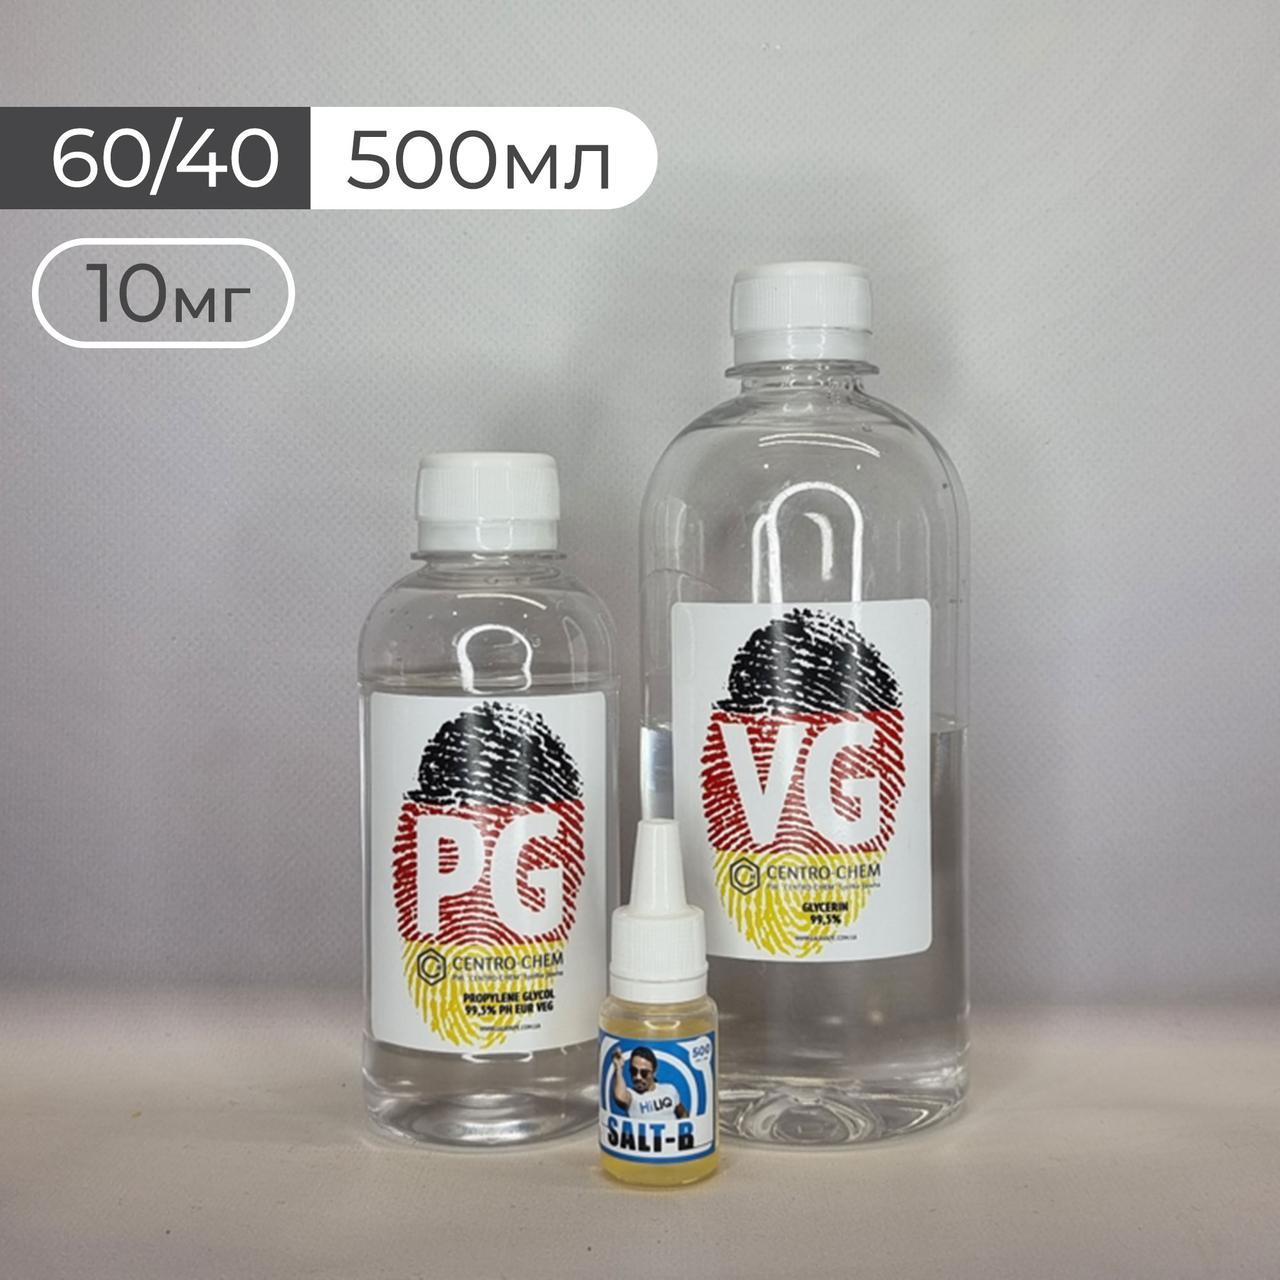 Набір для створення сольової основи 60/40, 500мл